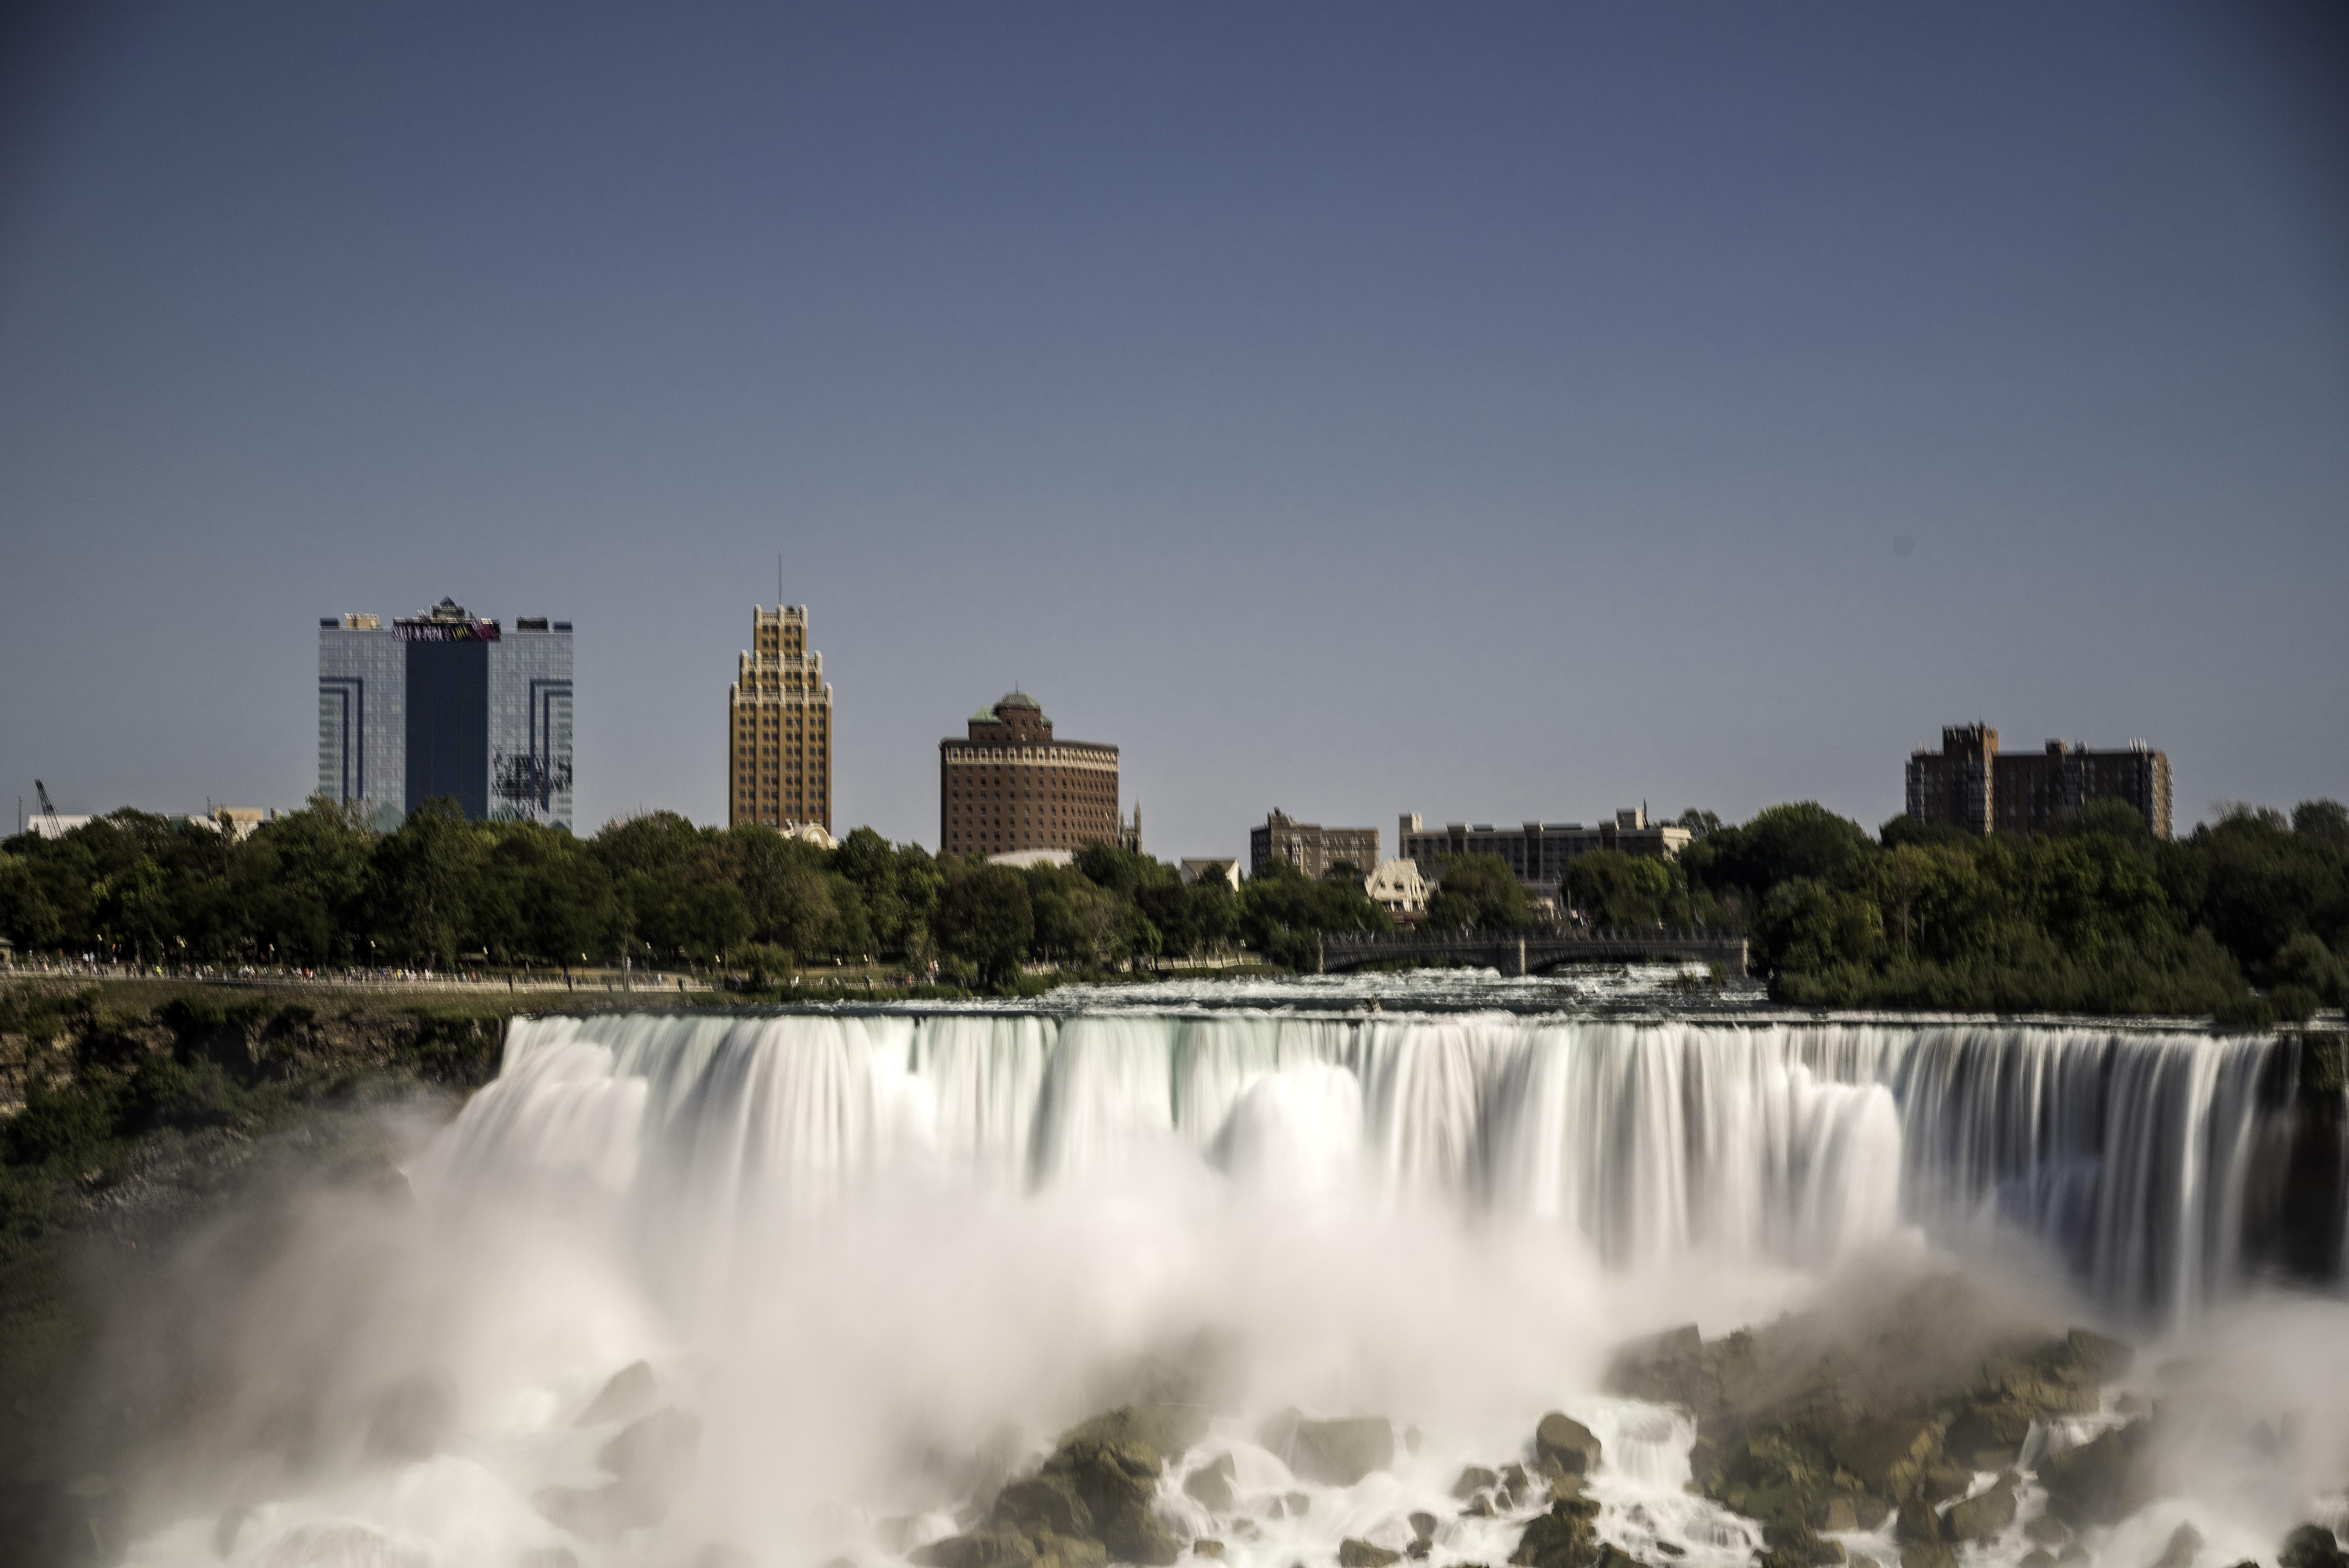 Niagara falls hotel resort packages